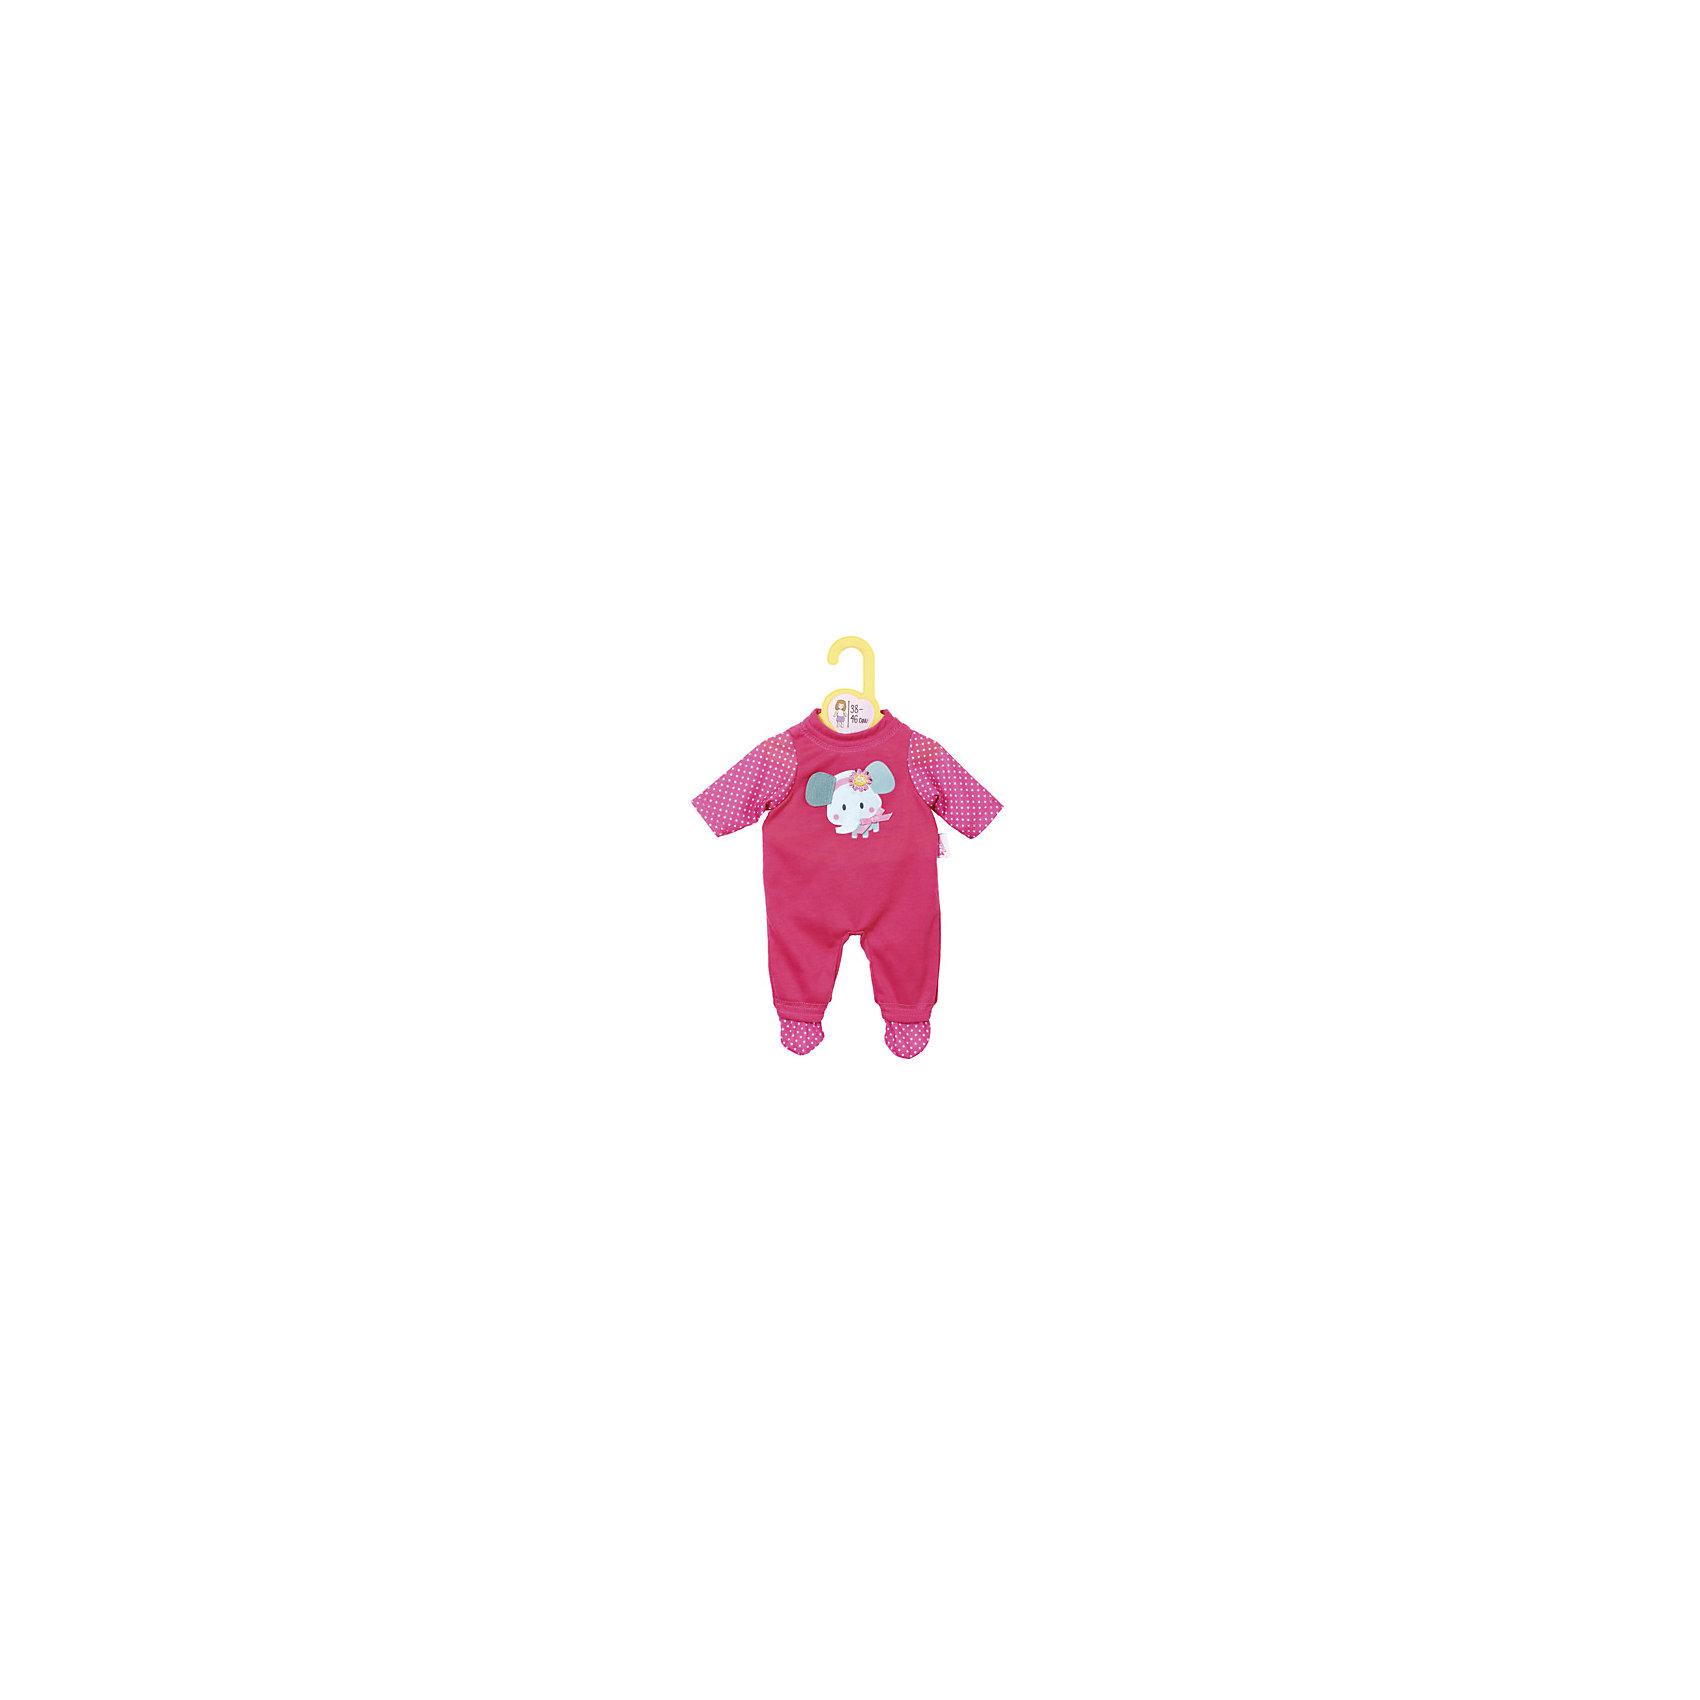 Комбинезончики, в ассортименте, Zapf CreationБренды кукол<br>Уютный комбинезончик яркого цвета с прнтом животного. Подходит куклам BABY born 43 см и Baby Annabell 43 см<br><br>Ширина мм: 8<br>Глубина мм: 200<br>Высота мм: 300<br>Вес г: 155<br>Возраст от месяцев: 36<br>Возраст до месяцев: 2147483647<br>Пол: Женский<br>Возраст: Детский<br>SKU: 5478818